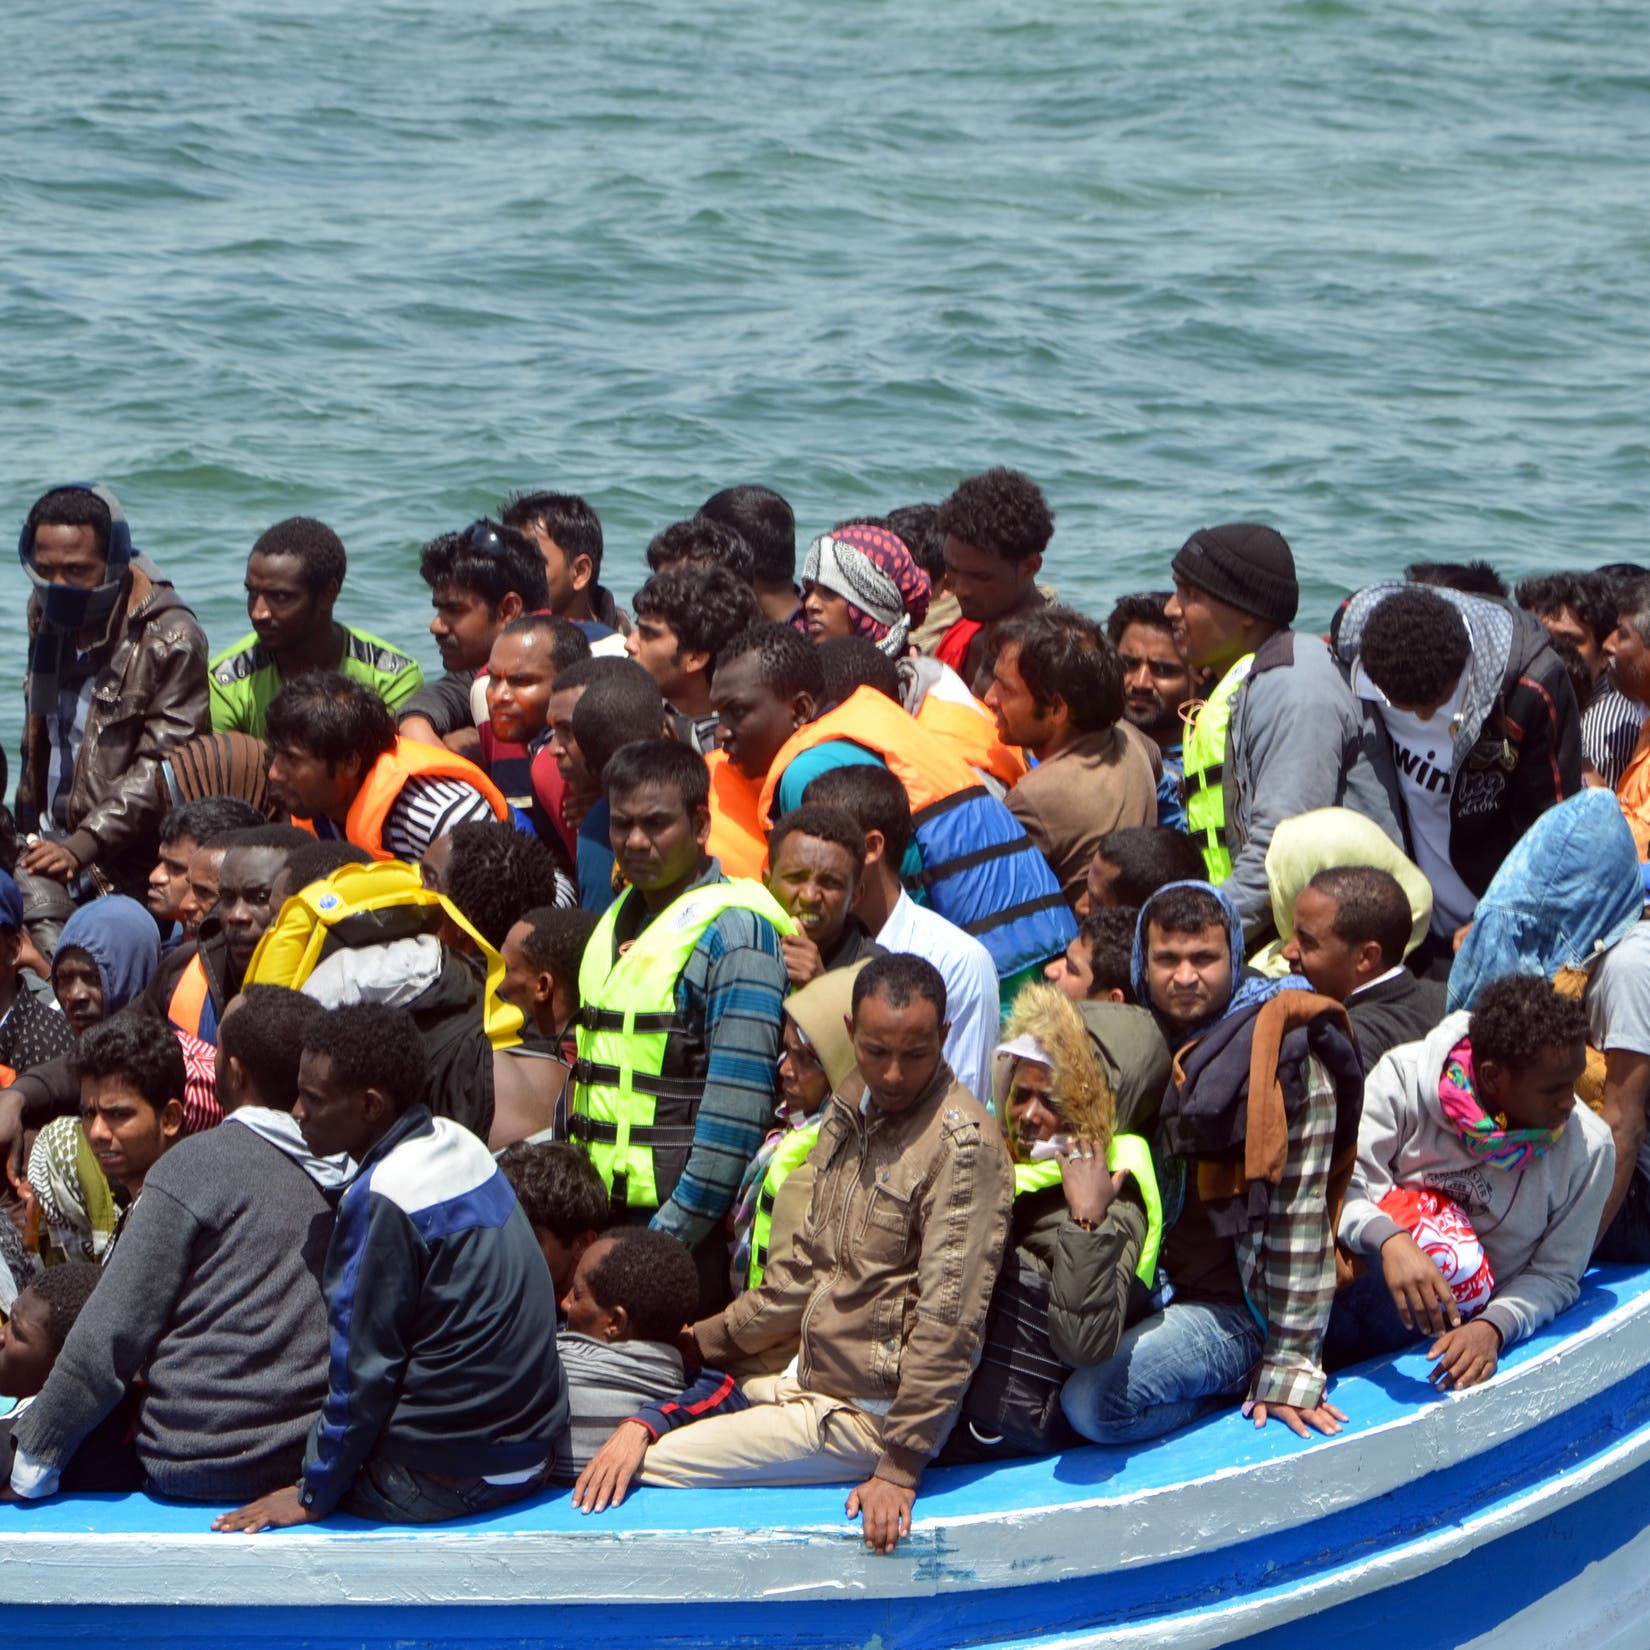 مأساة المهاجرين مستمرة.. غرق العشرات قبالة سواحل تونس